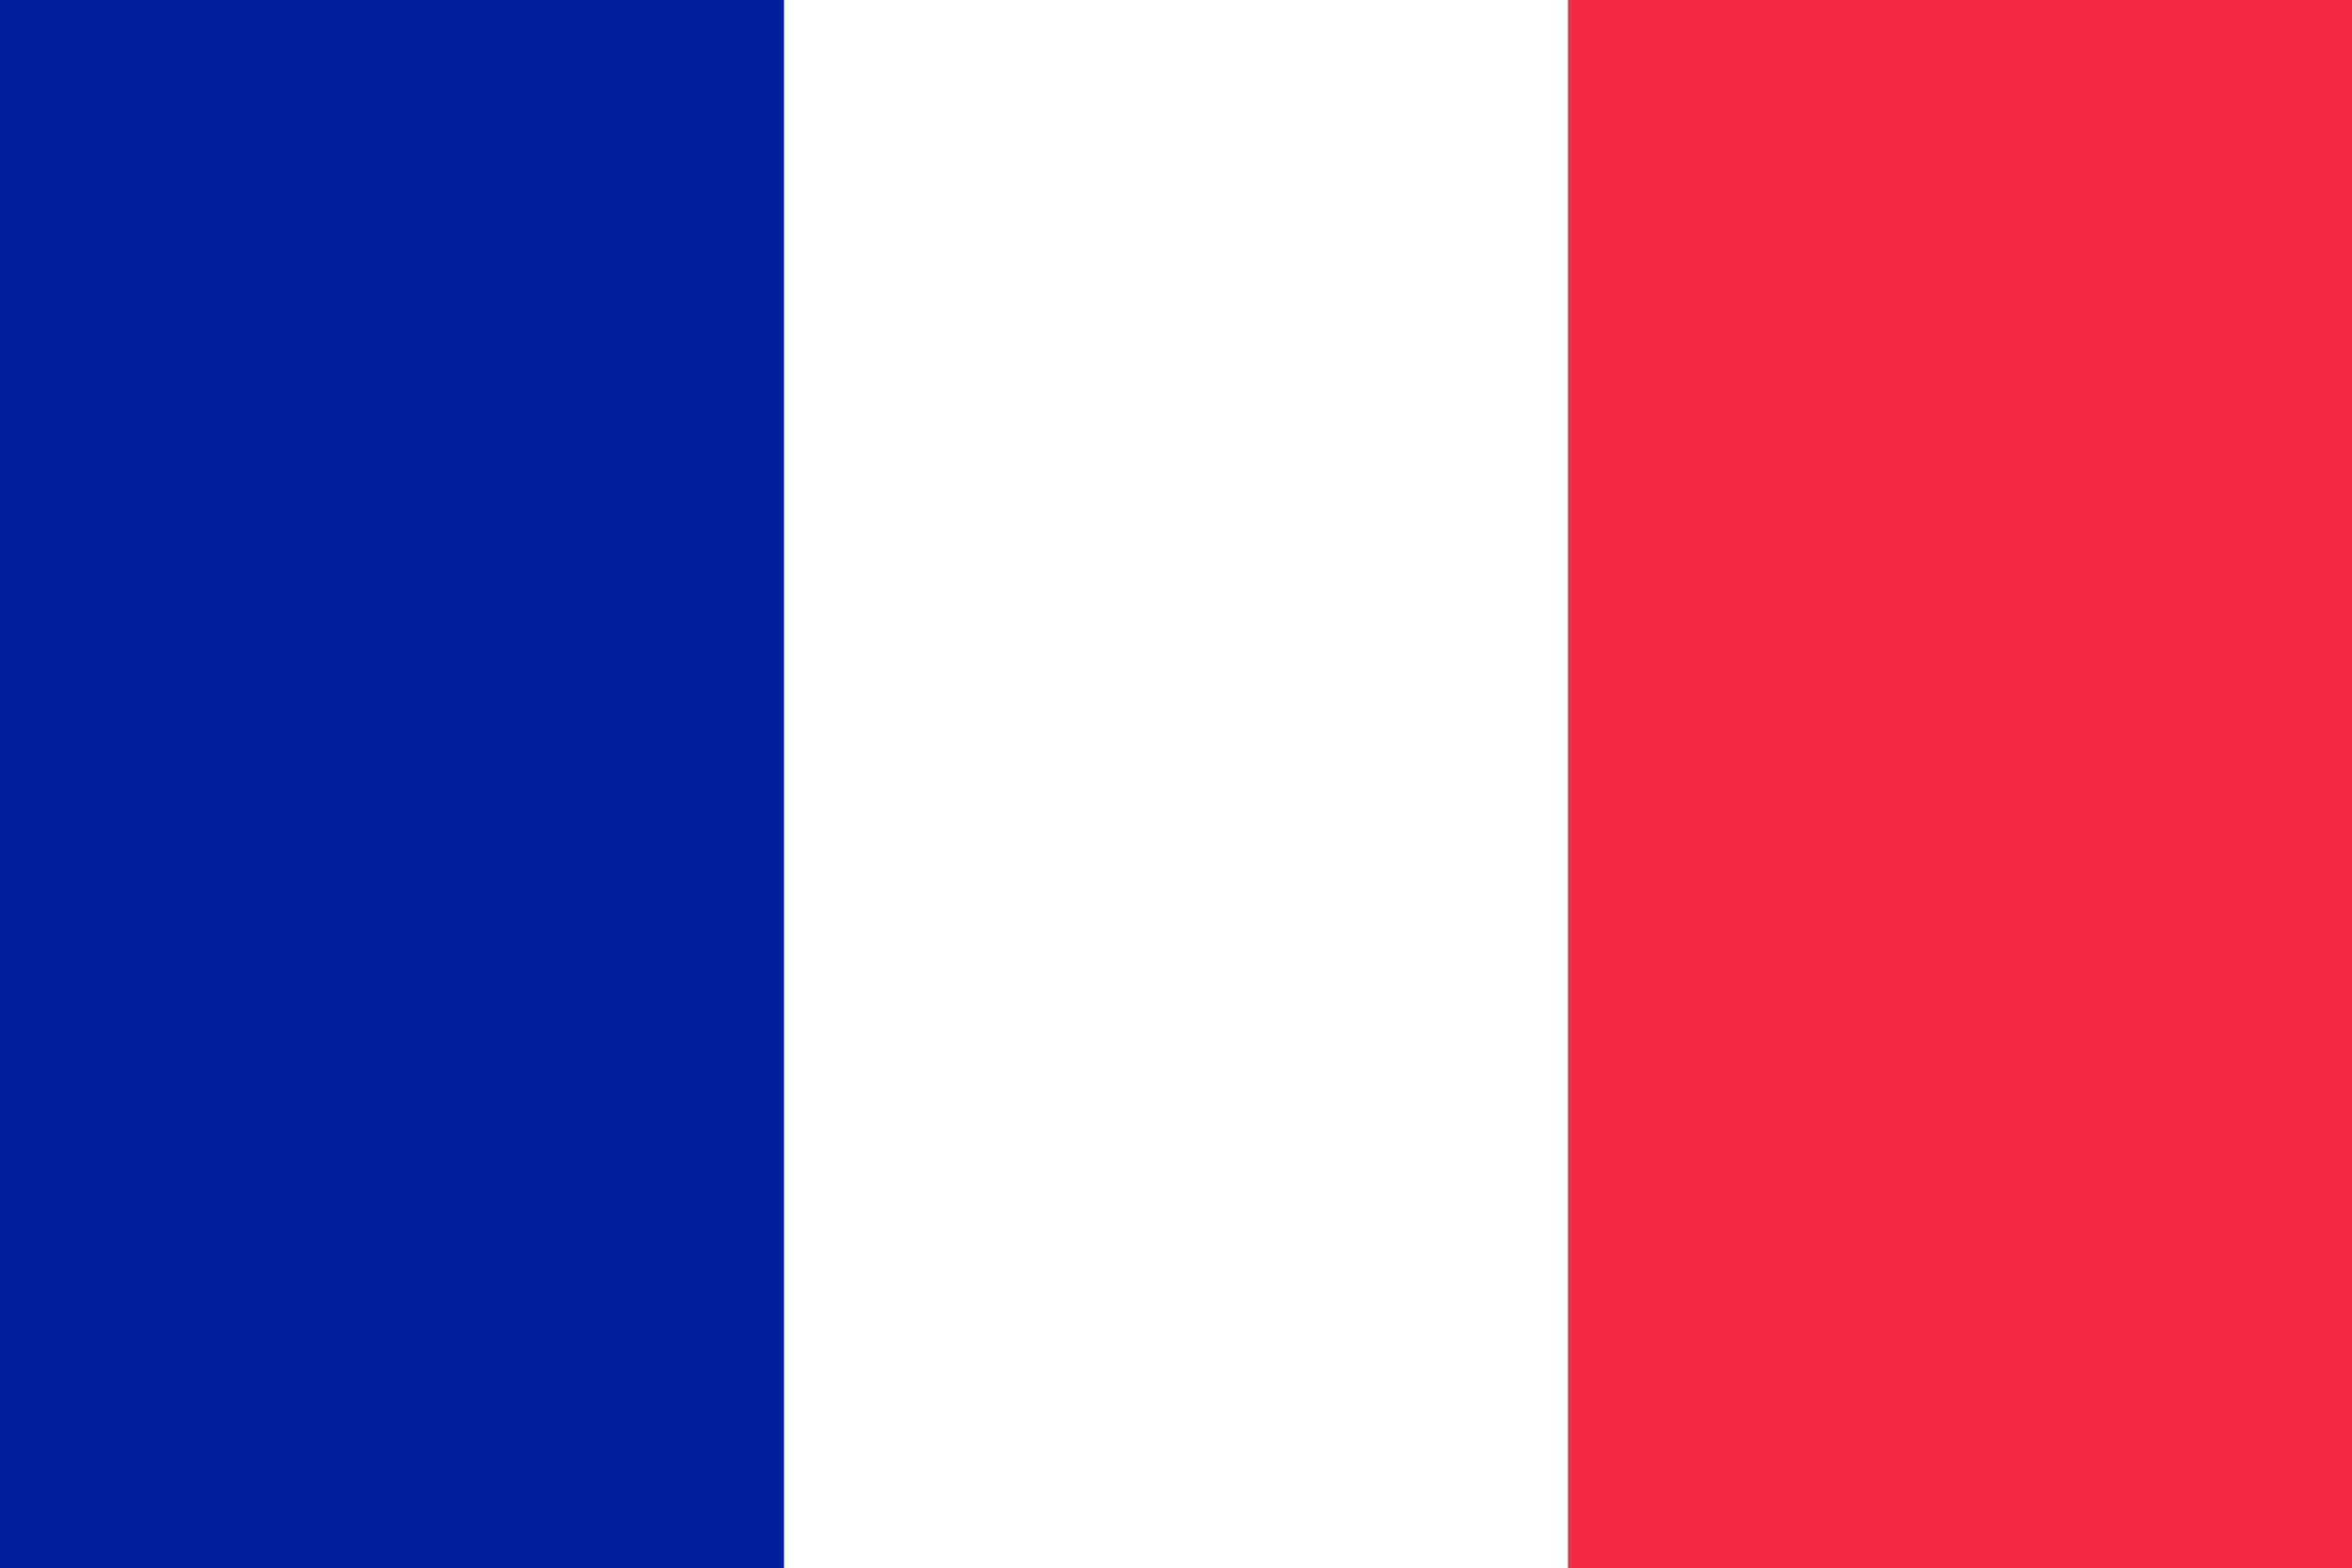 Γαλλία, χώρα, έμβλημα, λογότυπο, σύμβολο - Wallpapers HD - Professor-falken.com